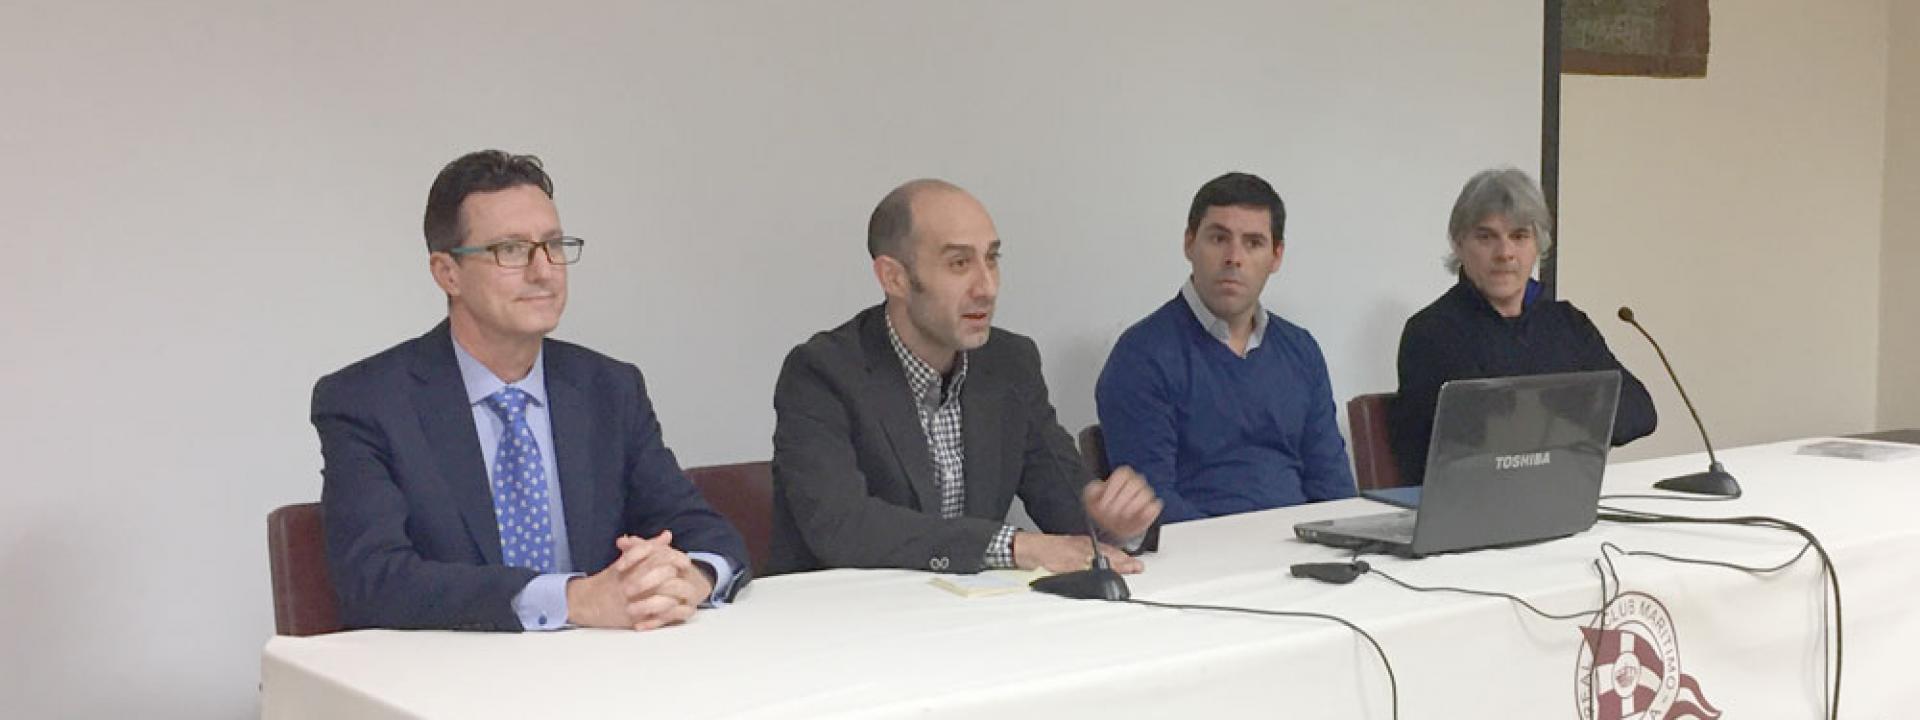 conferencia Juan Domingo Santos y Daniel Rincón de la Vega en COA Melilla.